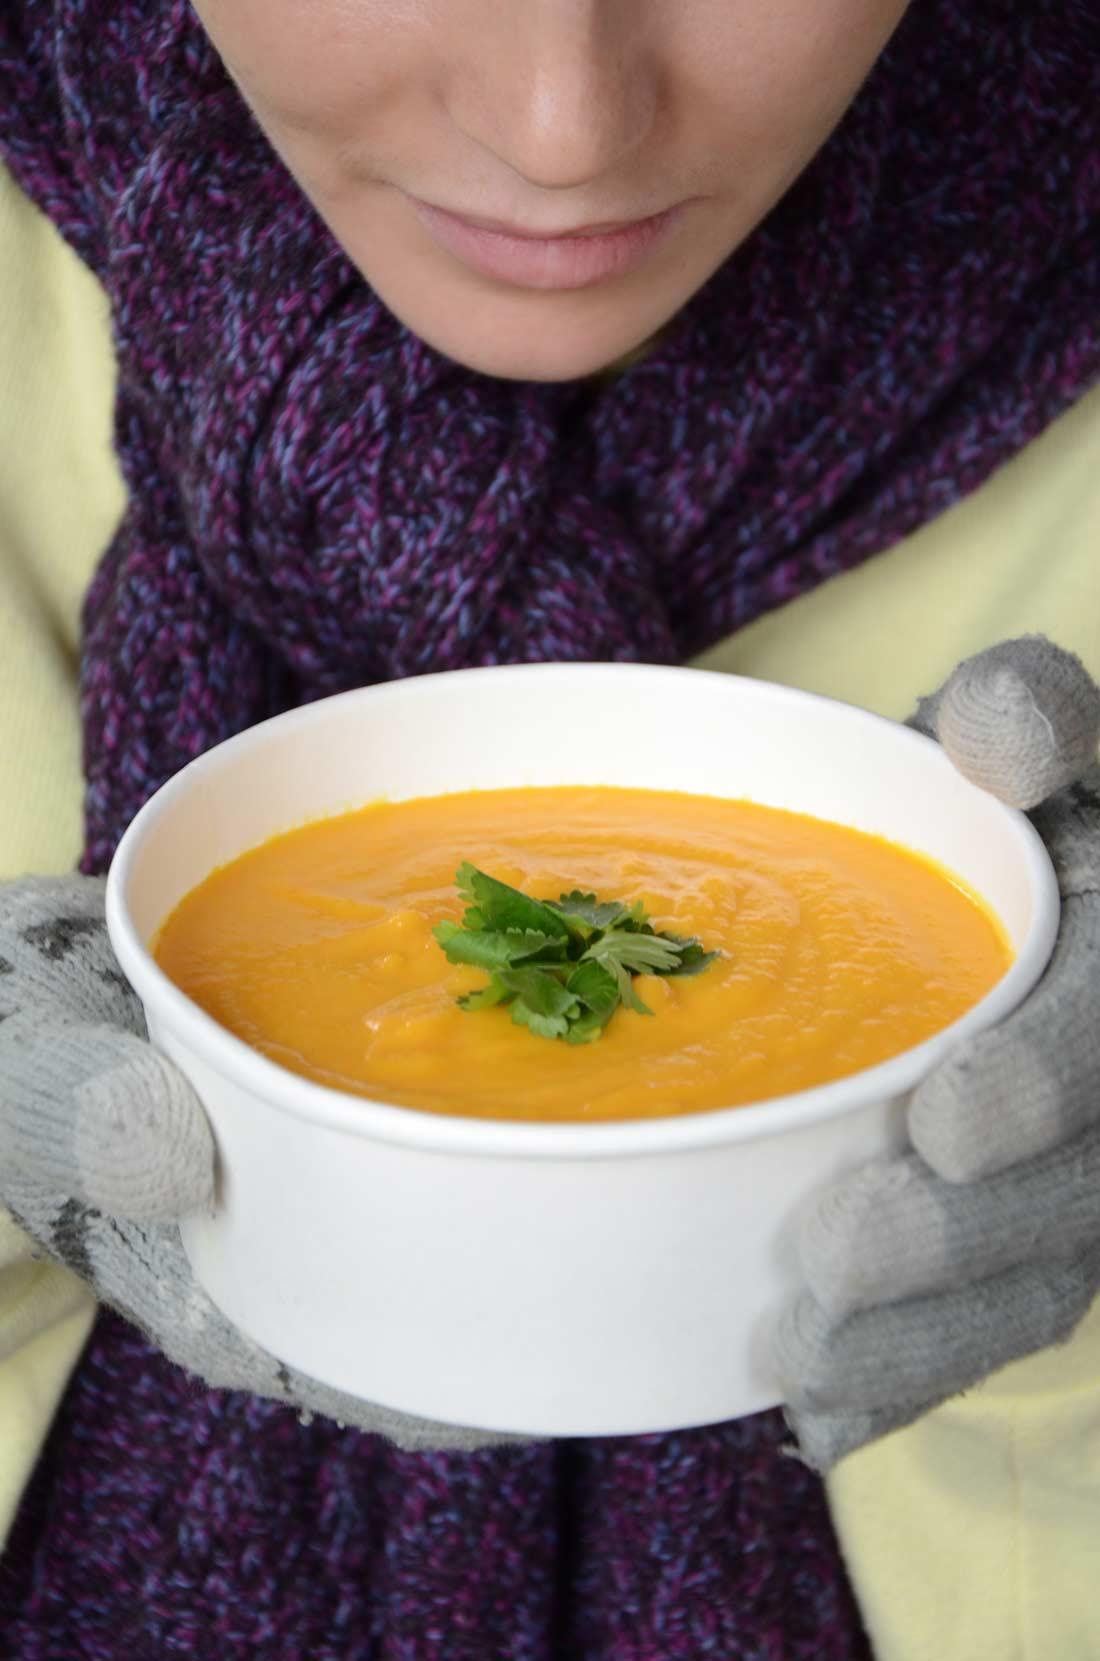 Velouté carottes, gingembre, orange maison